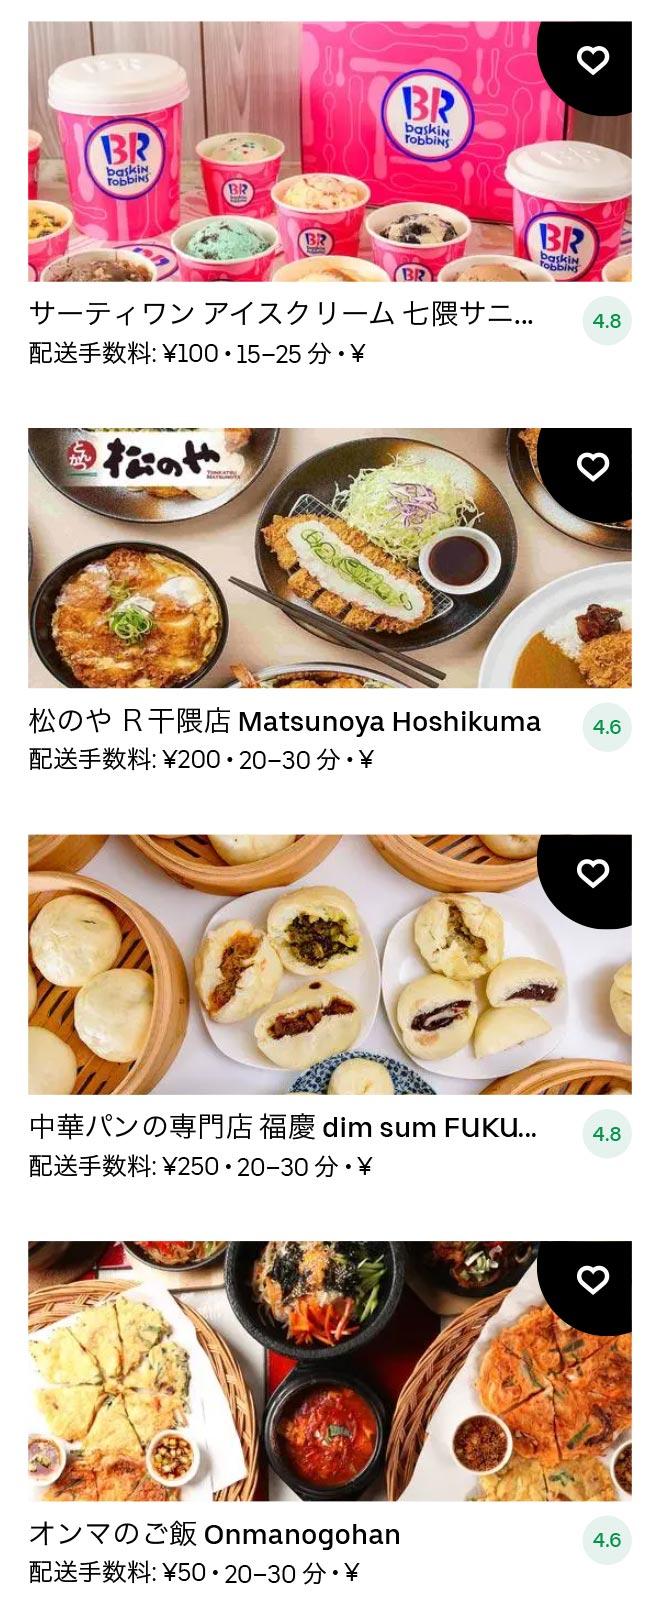 Nanakuma menu 2101 07